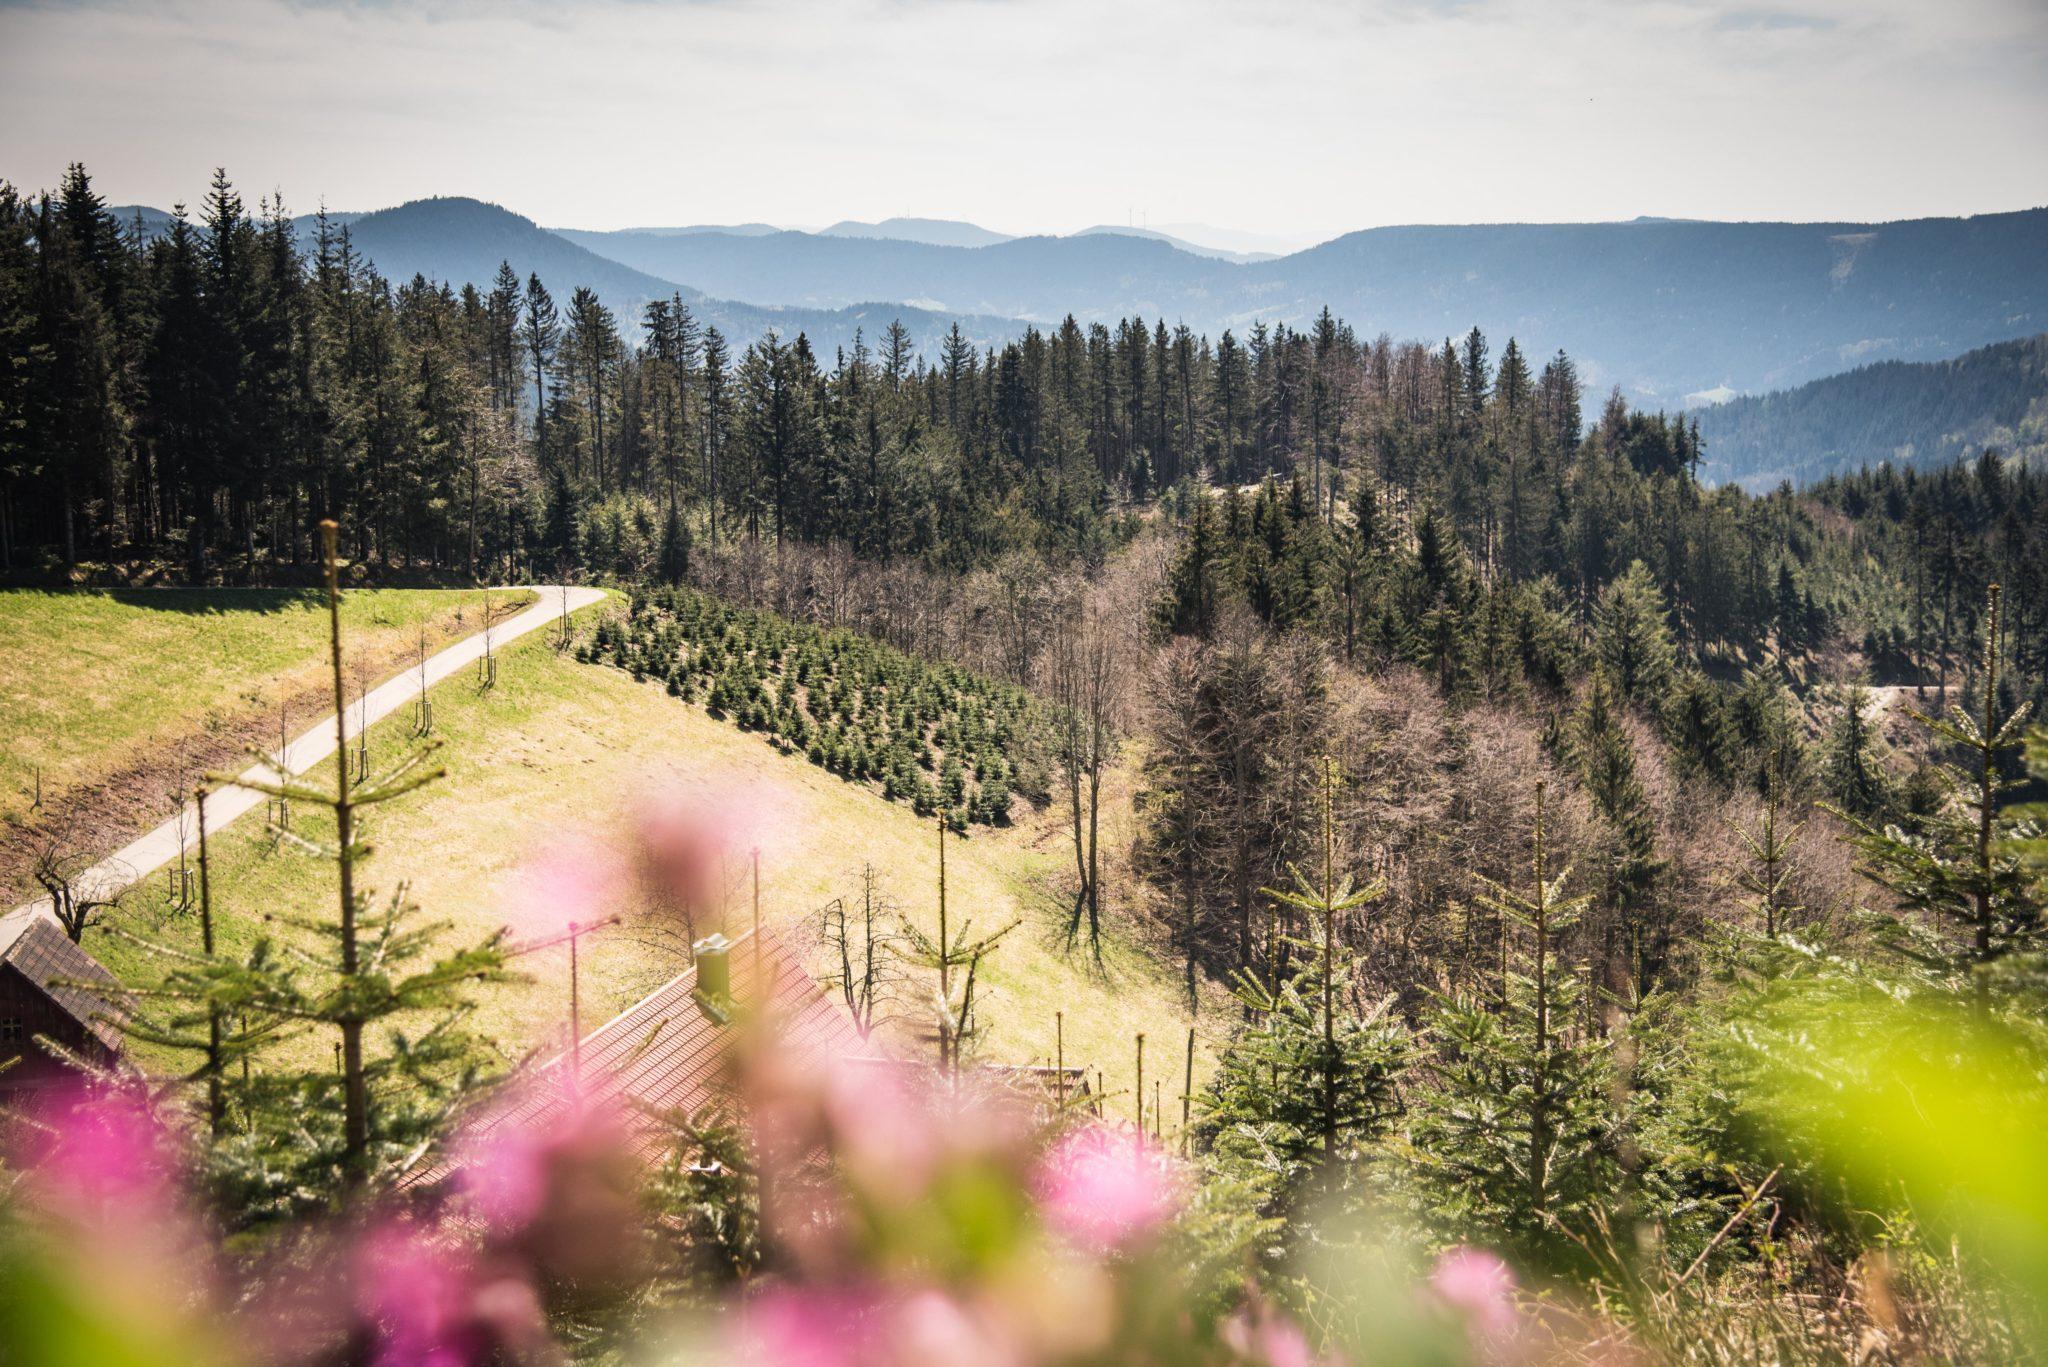 Das Bild zeigt eine wunderbare Schwarzwaldaussicht und steht für Neuanfang.